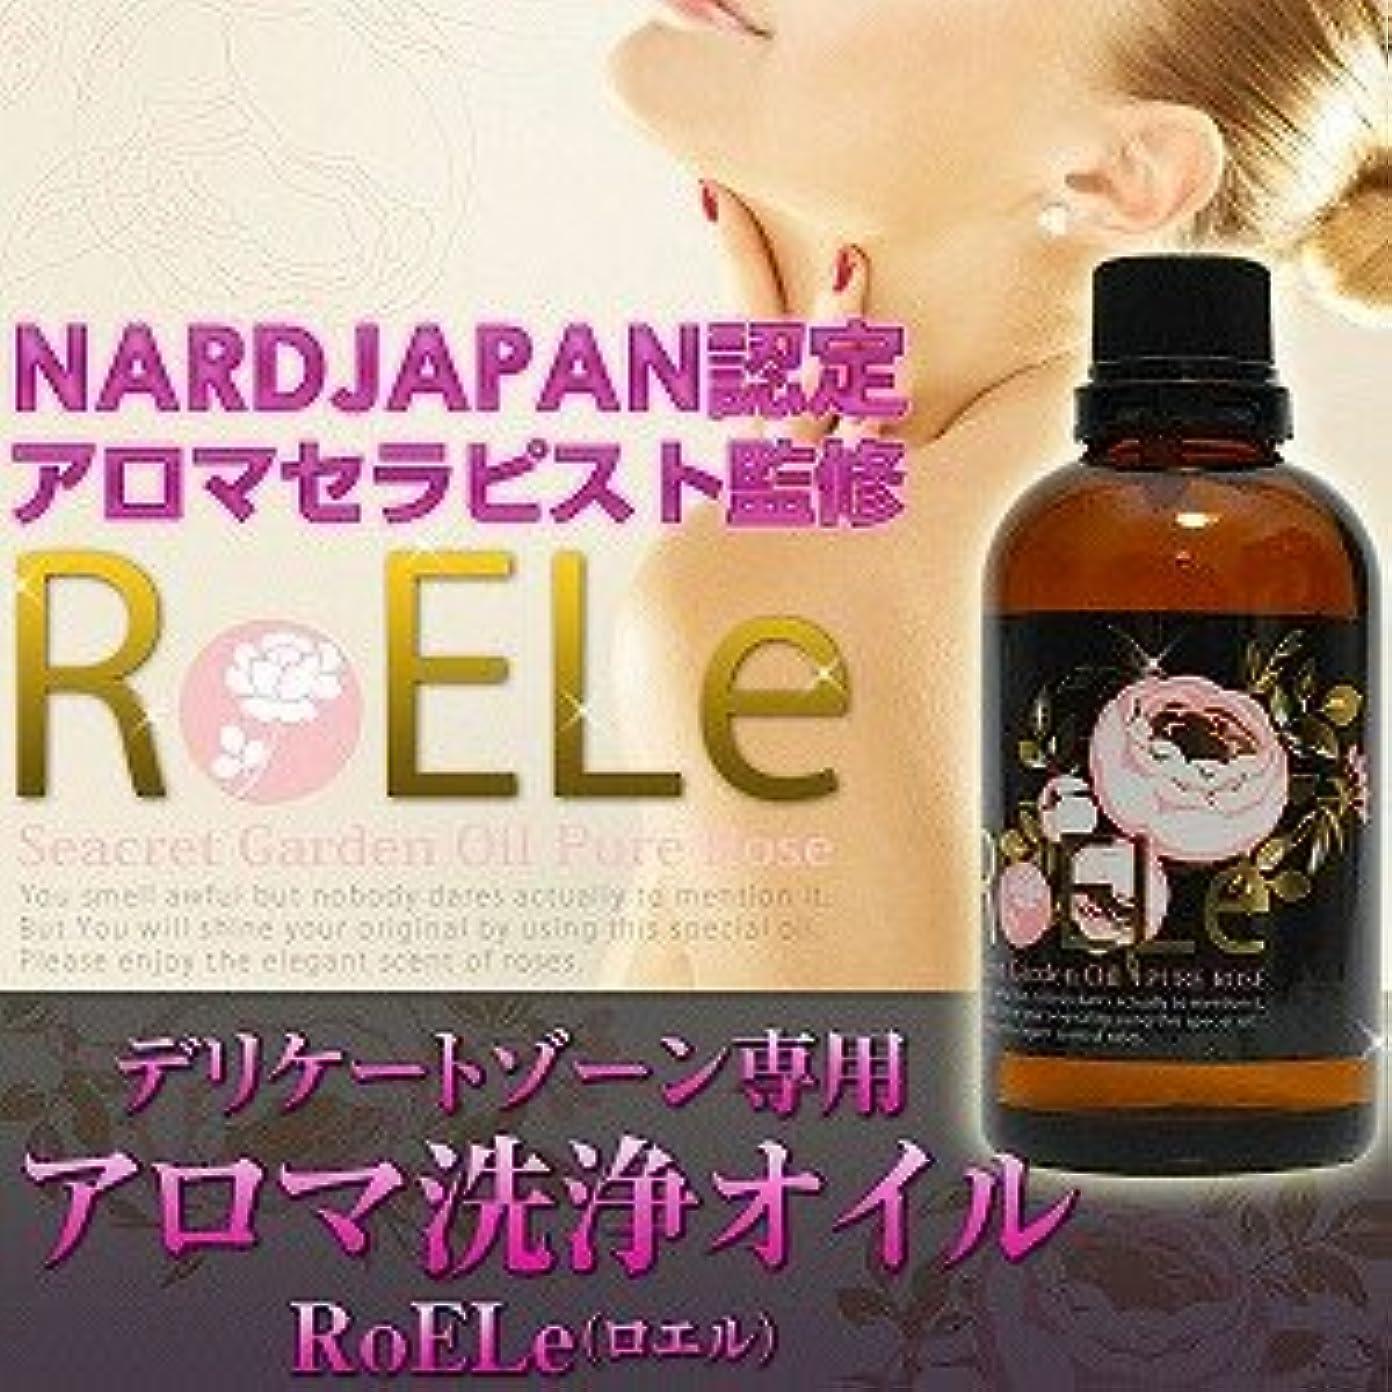 可能性啓発するおデリケートゾーン専用、アロマ洗浄オイル『RoELe(ロエル)』